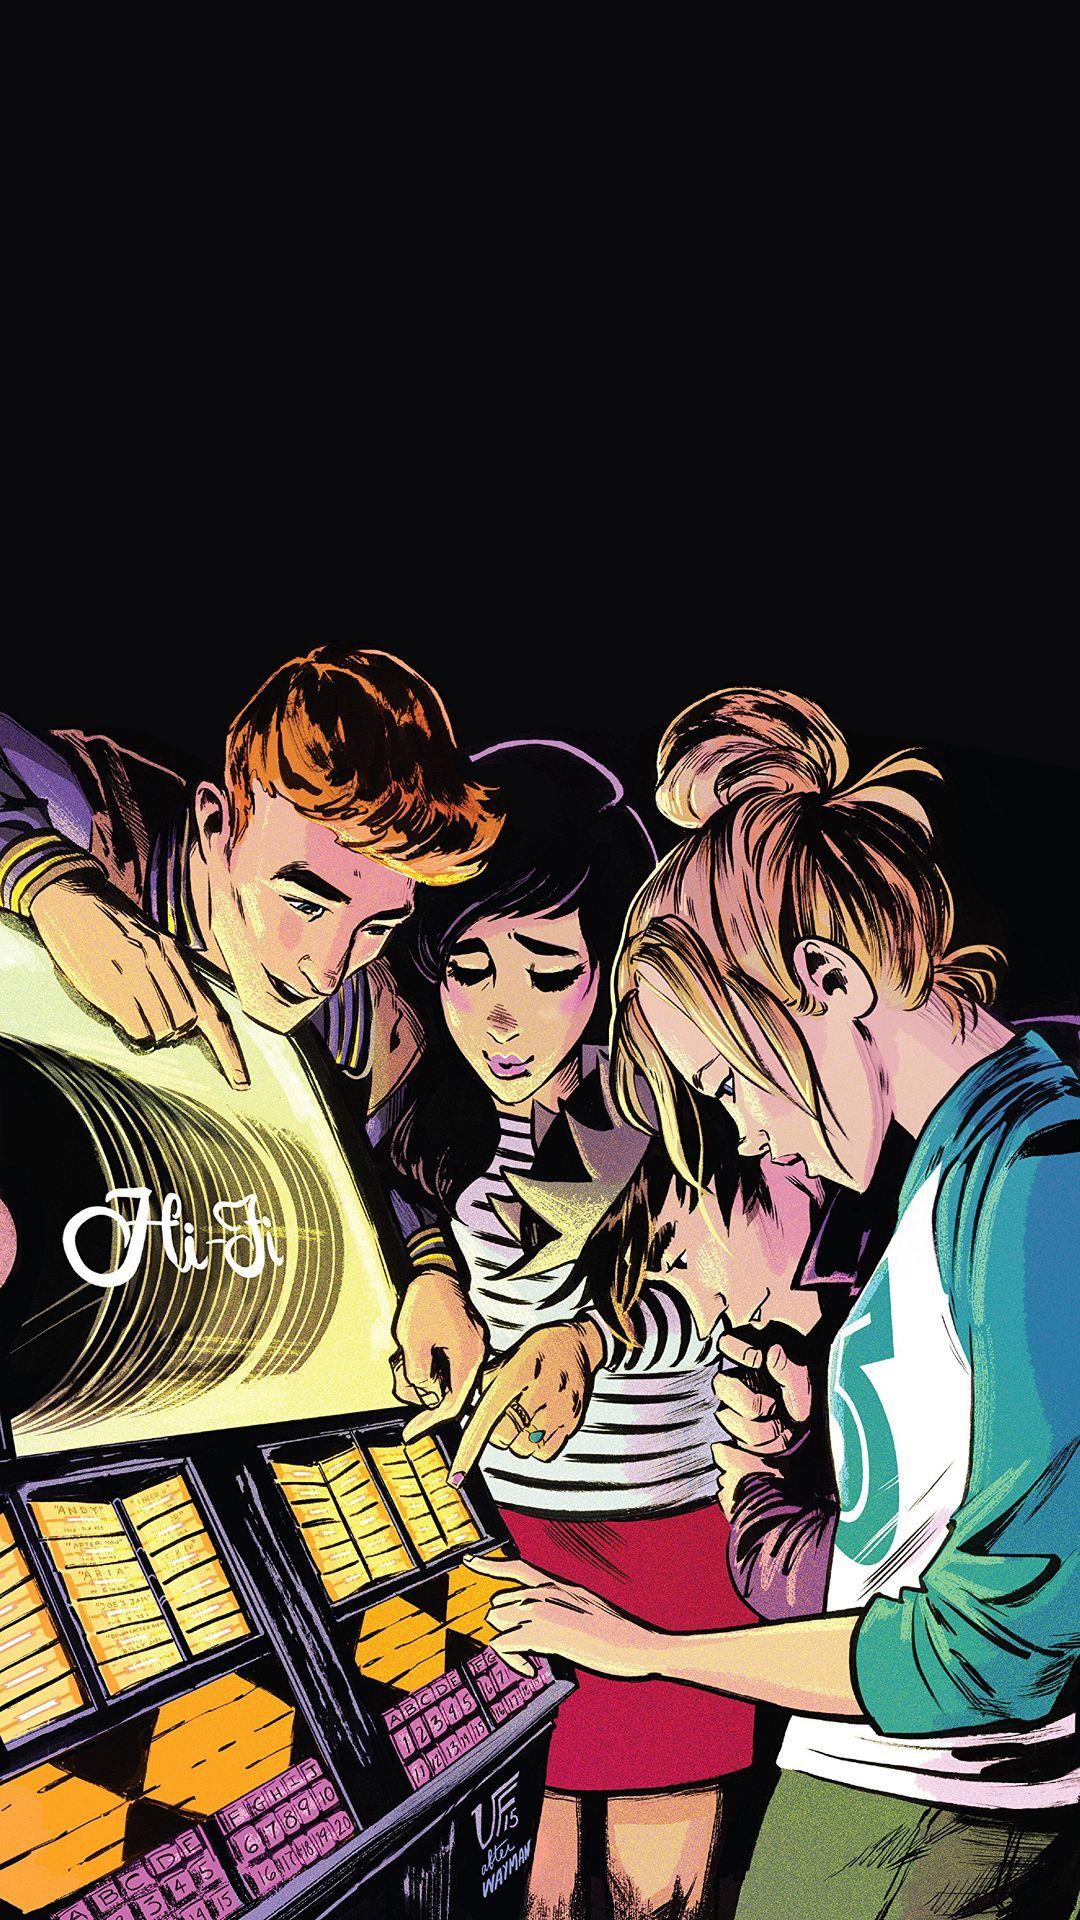 Absolutely love Archie comics, Archie comics riverdale